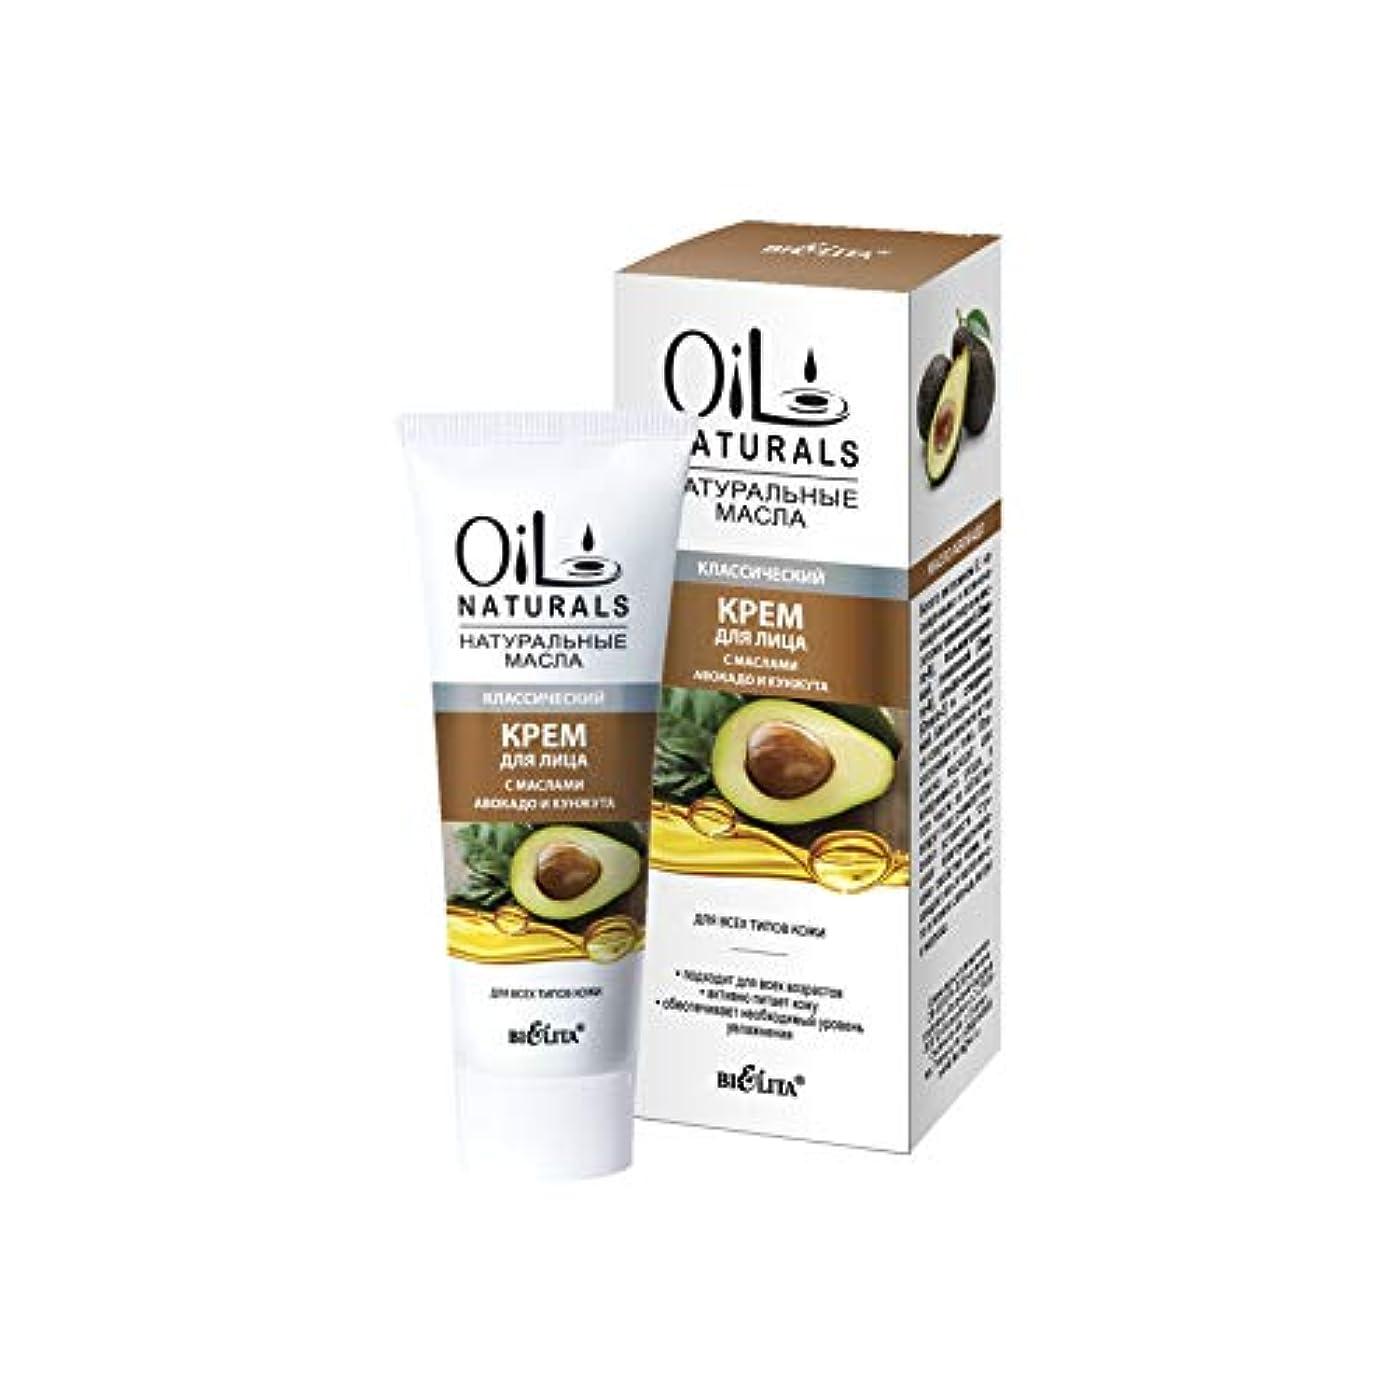 おめでとうパイント電気的Bielita & Vitex  Oil Naturals Line   Classic Moisturizing Face Cream, for All Skin Types, 50 ml   Avocado Oil, Silk Proteins, Sesame Oil, Vitamins